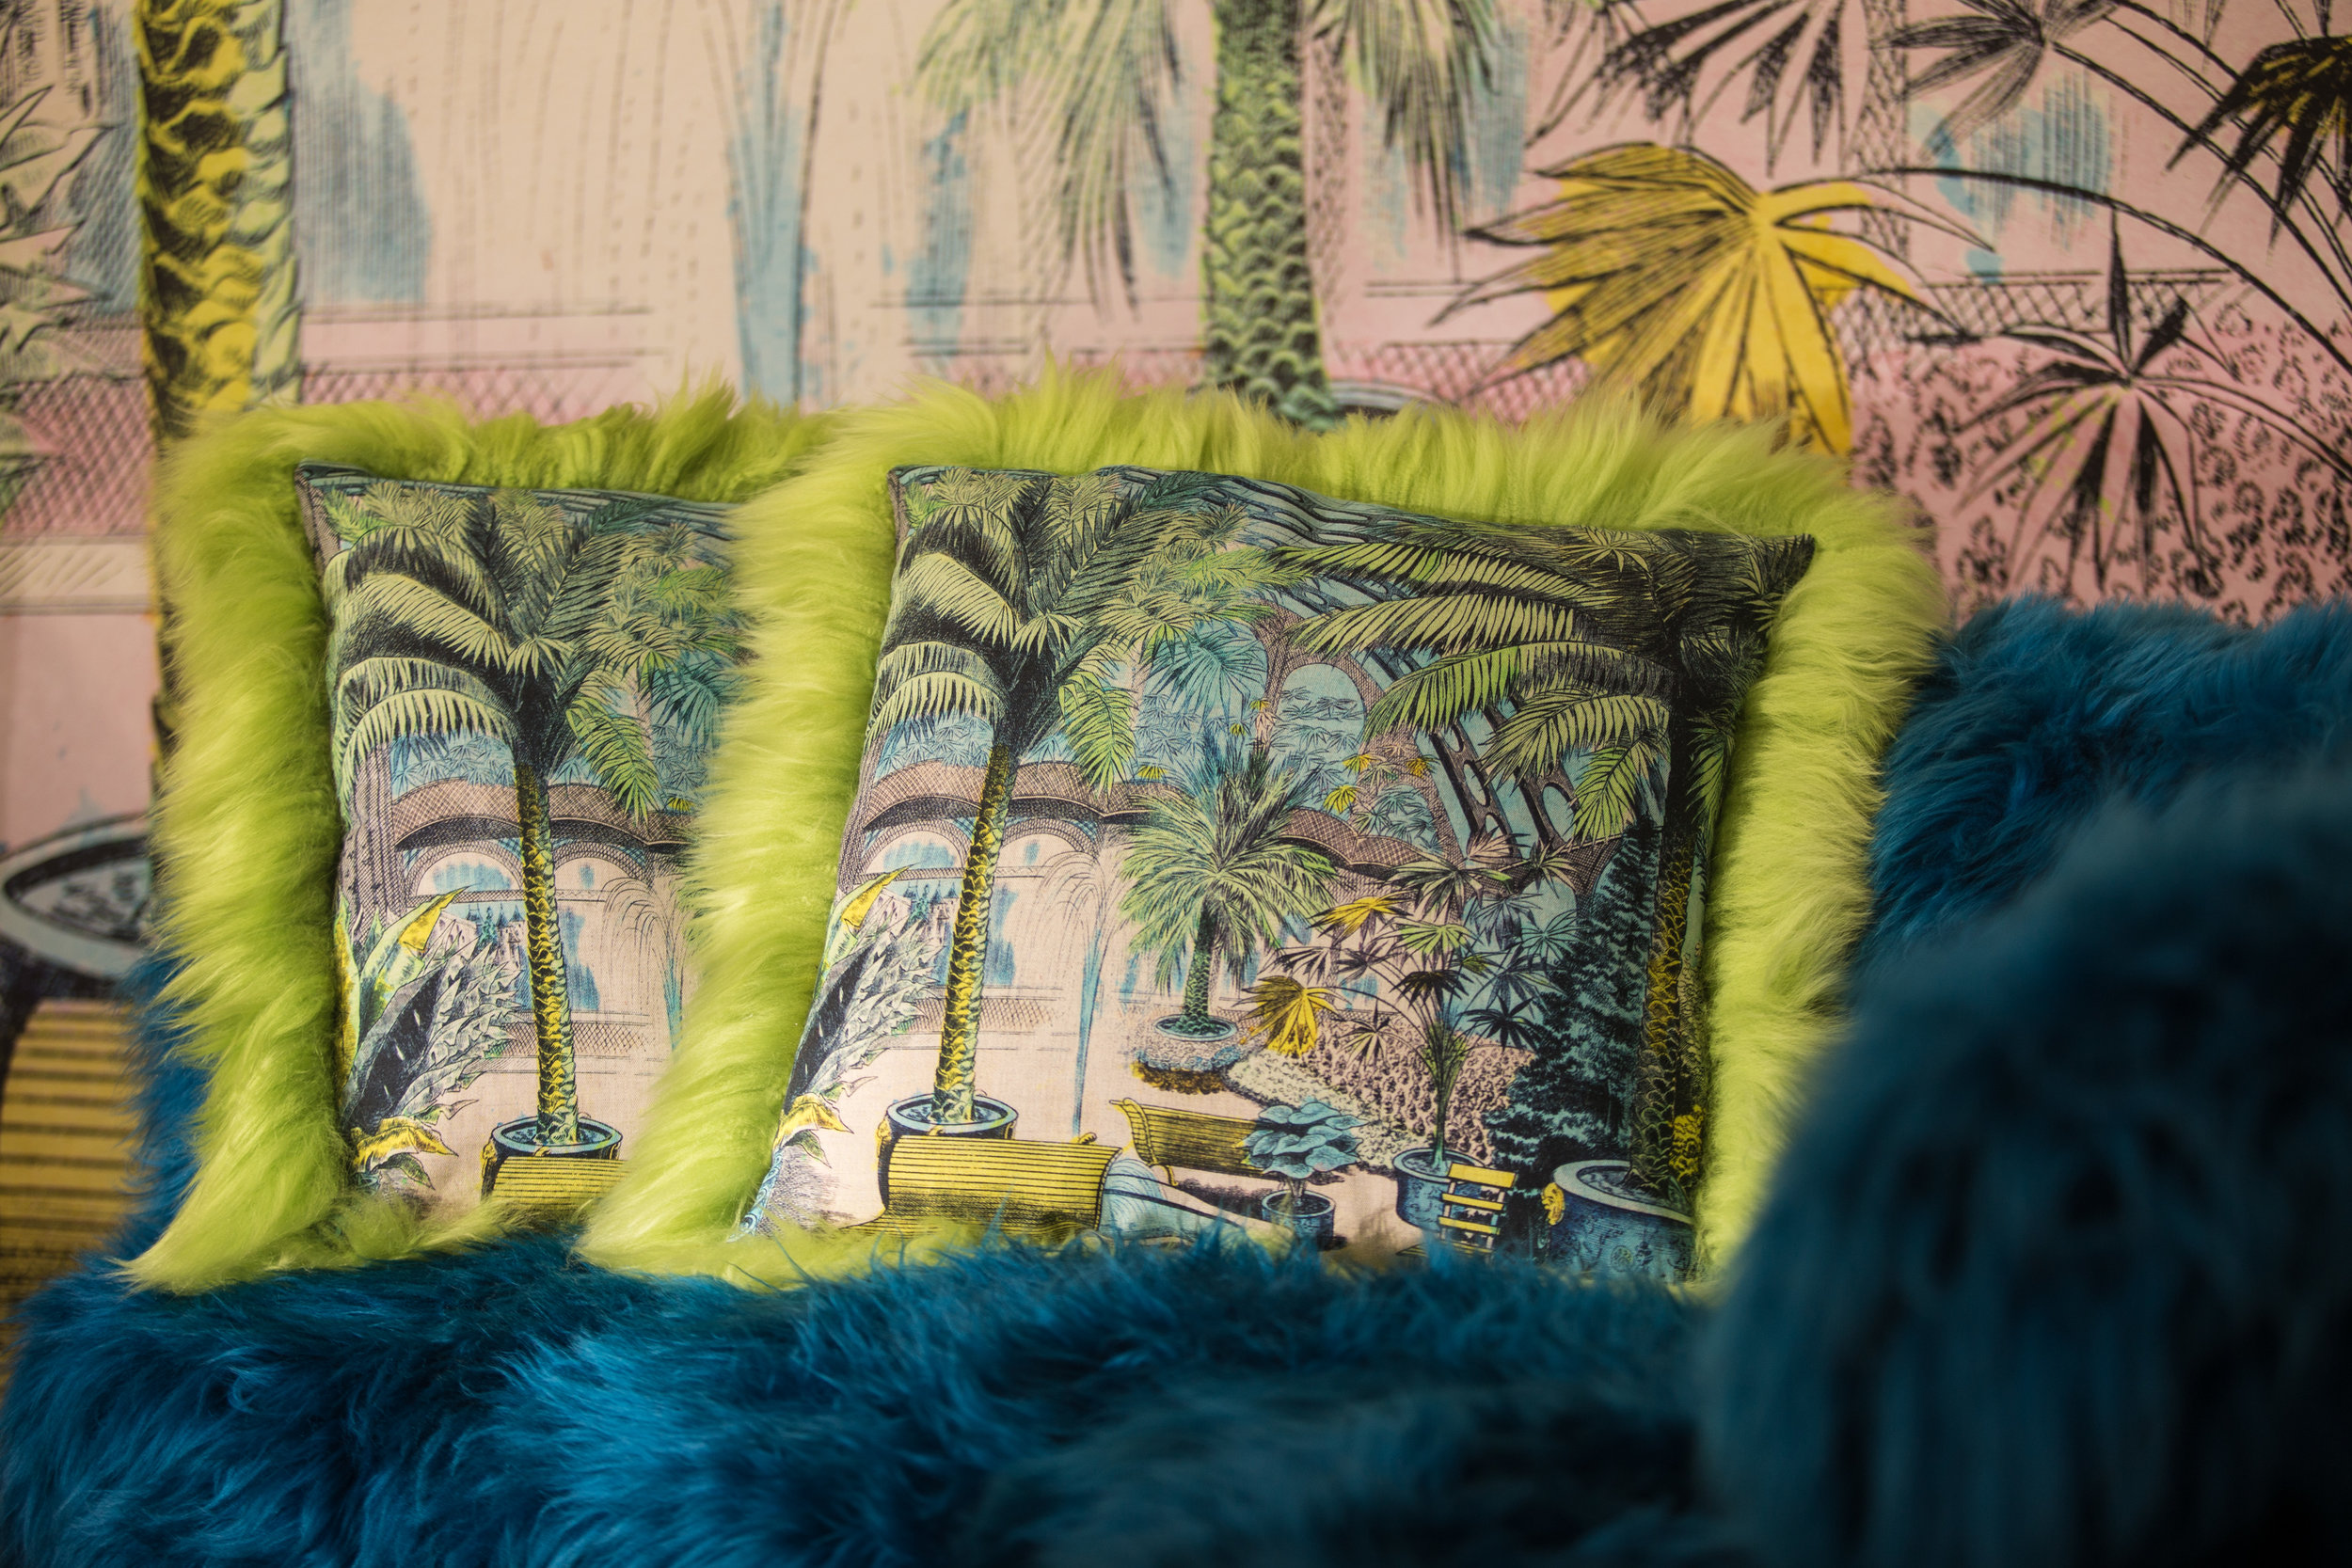 Manufacture Francaise Des Textiles D Ameublement maison images d'Épinal